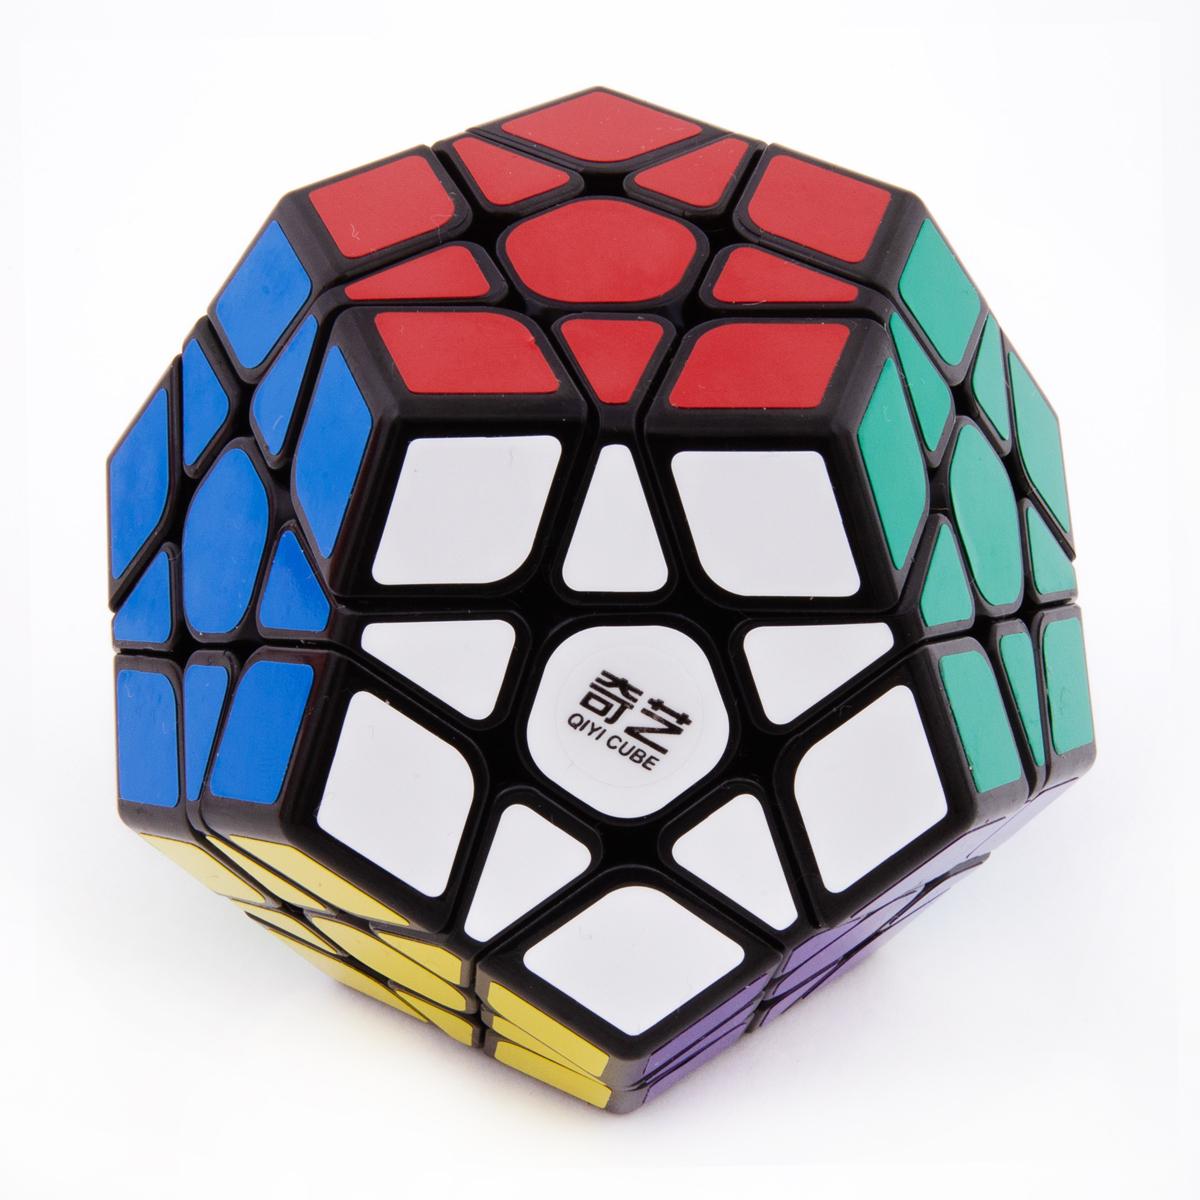 кубики рубика похожие как мегаминкс картинки и их названия сиваков служит карантинном